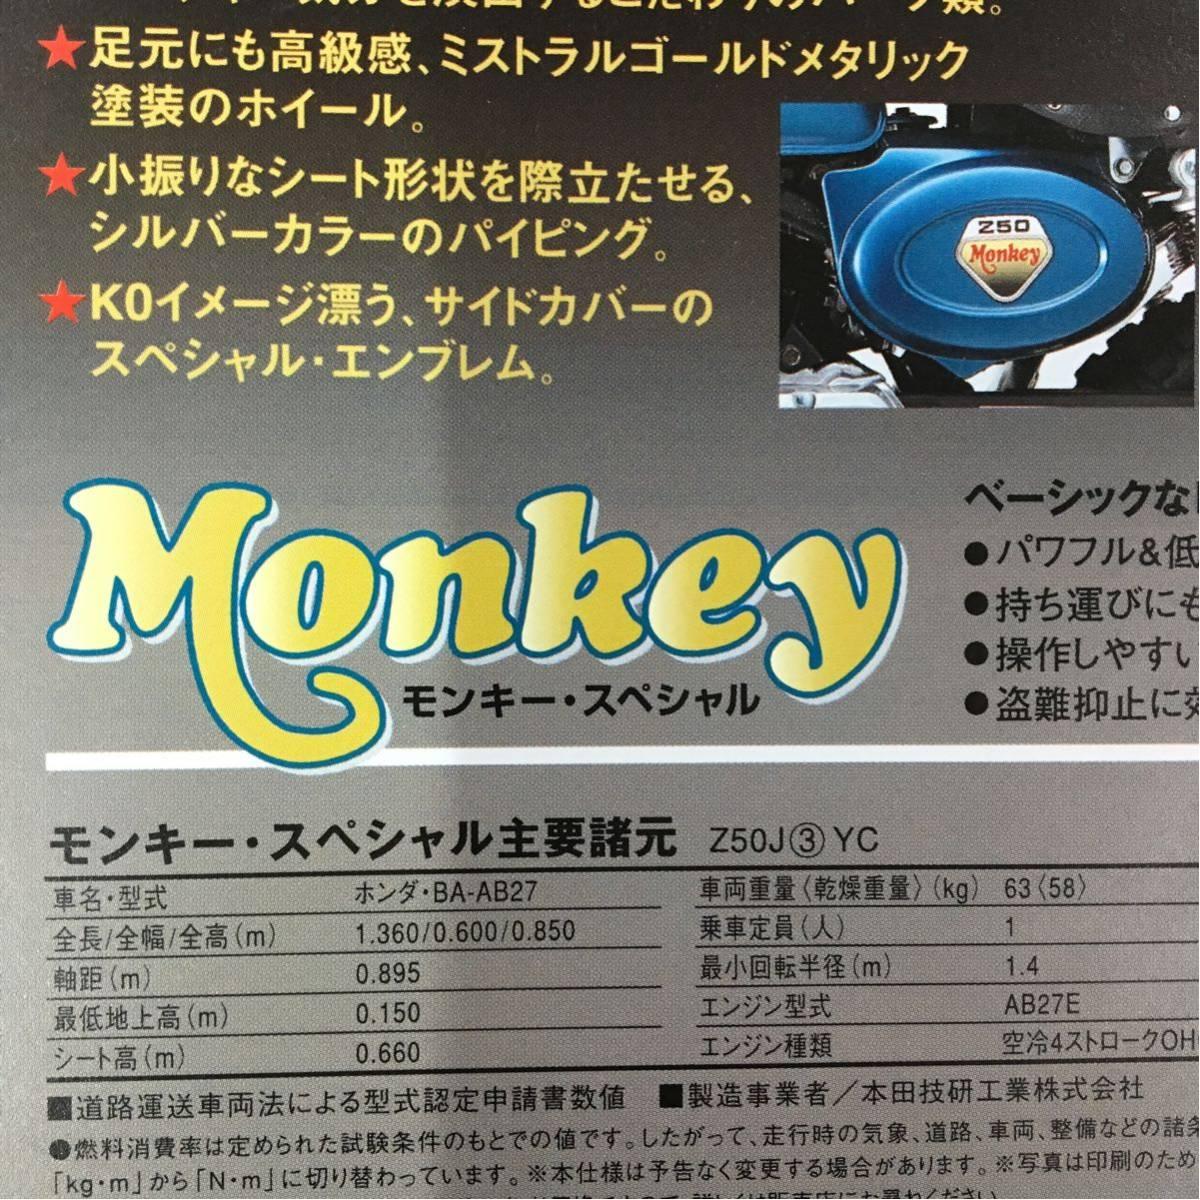 ホンダモンキースペシャル K0仕様 カタログ_画像3